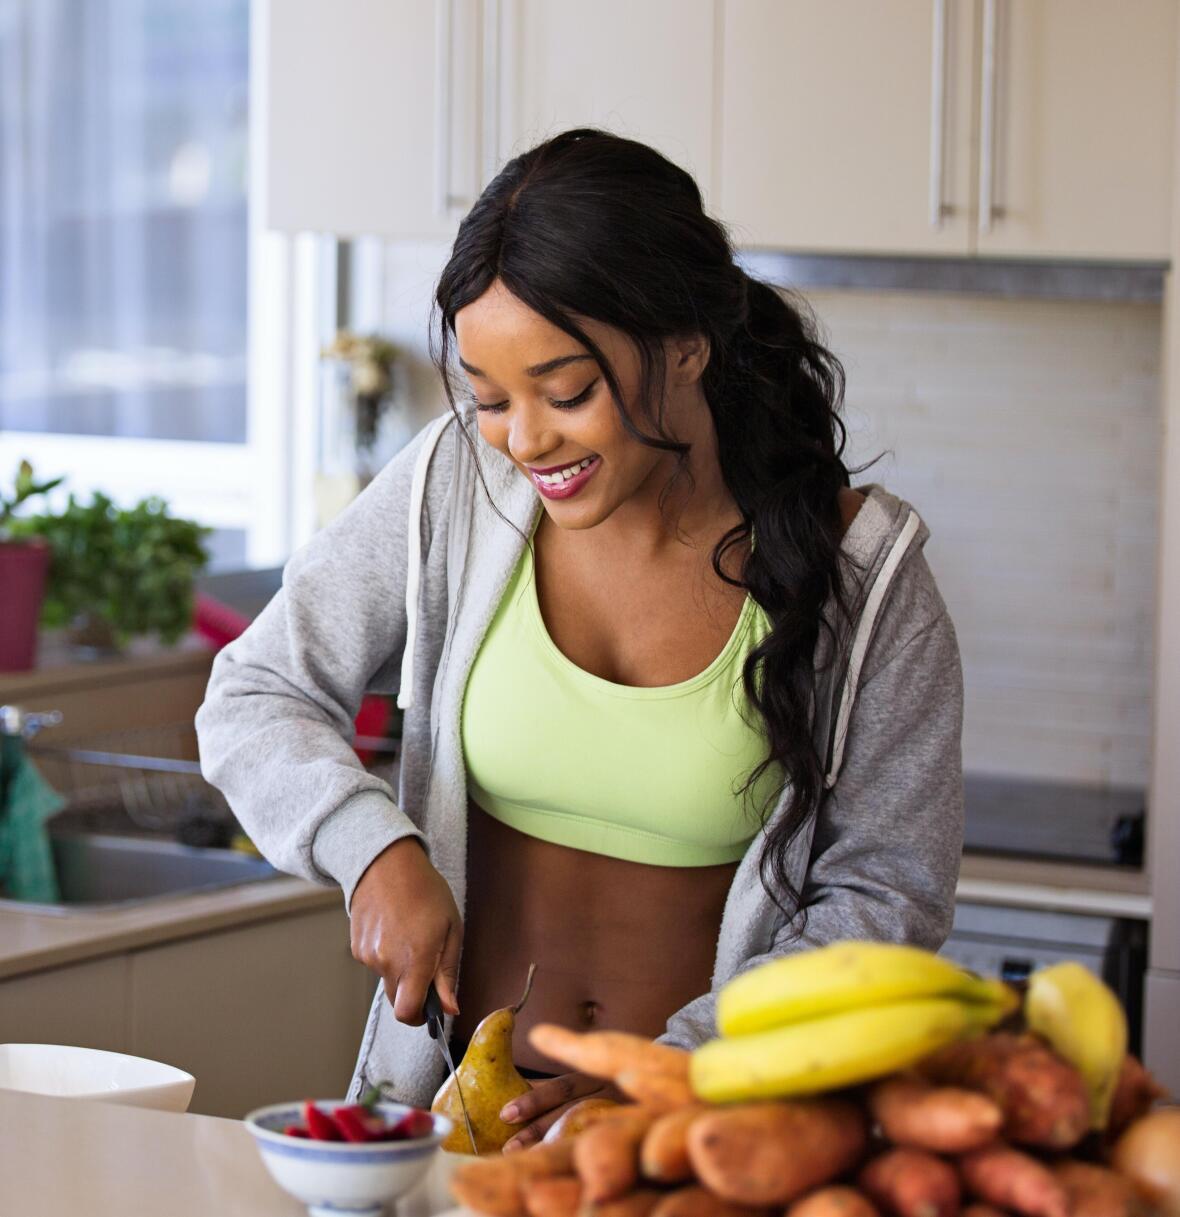 Une femme coupe des fruits dans une cuisine